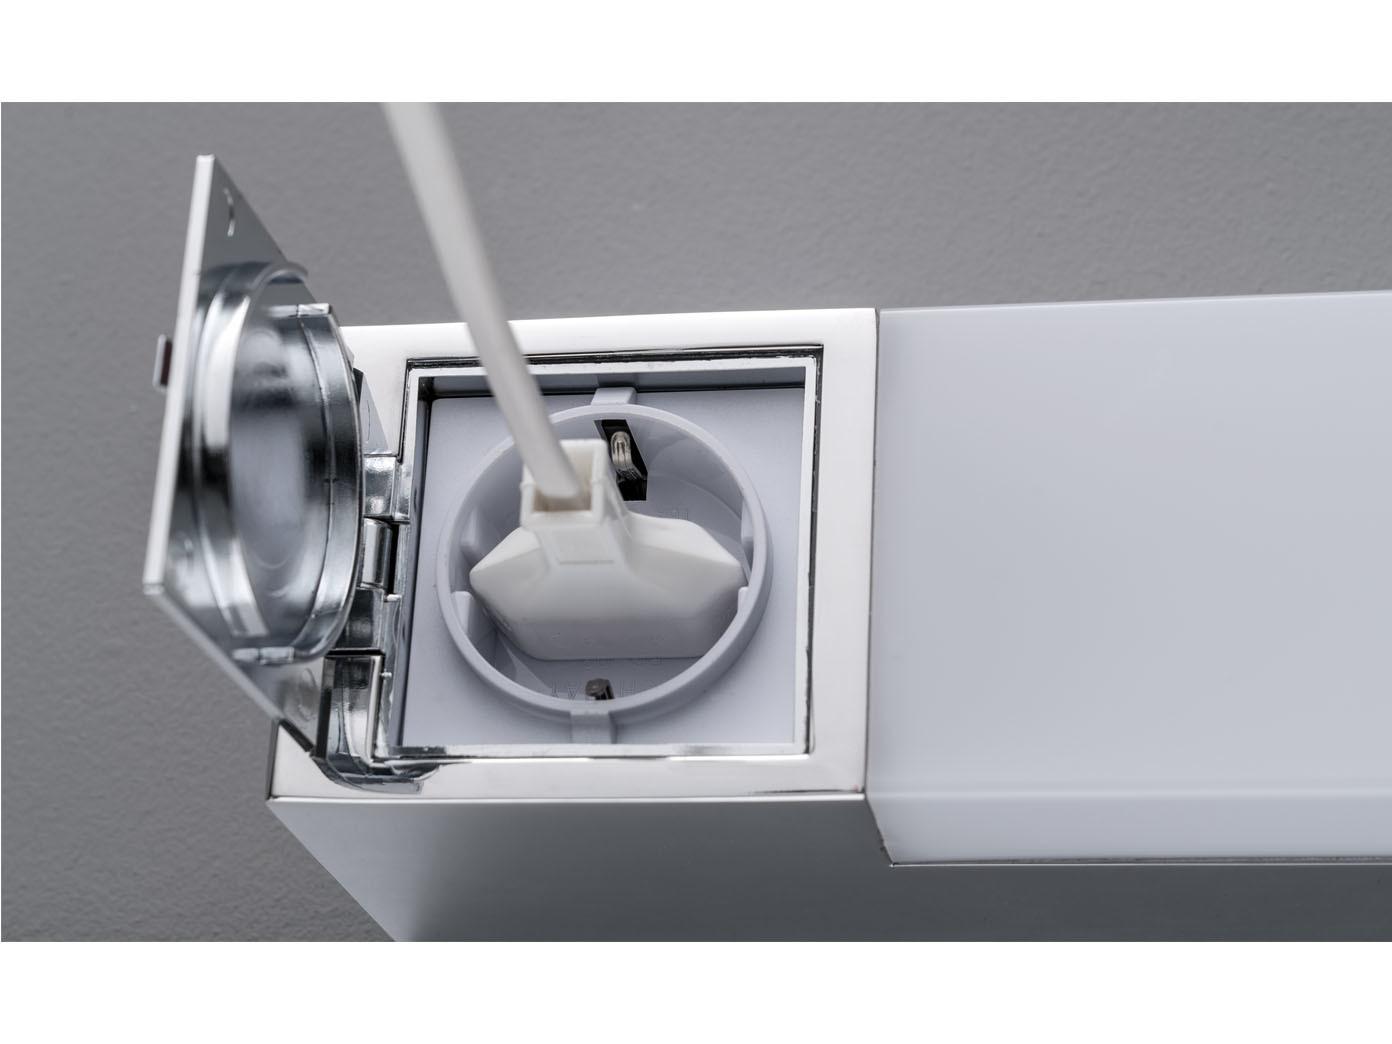 LED Wandlampe mit Steckdose fürs Bad   Spiegelleuchte & Badlampe über  Badspiegel